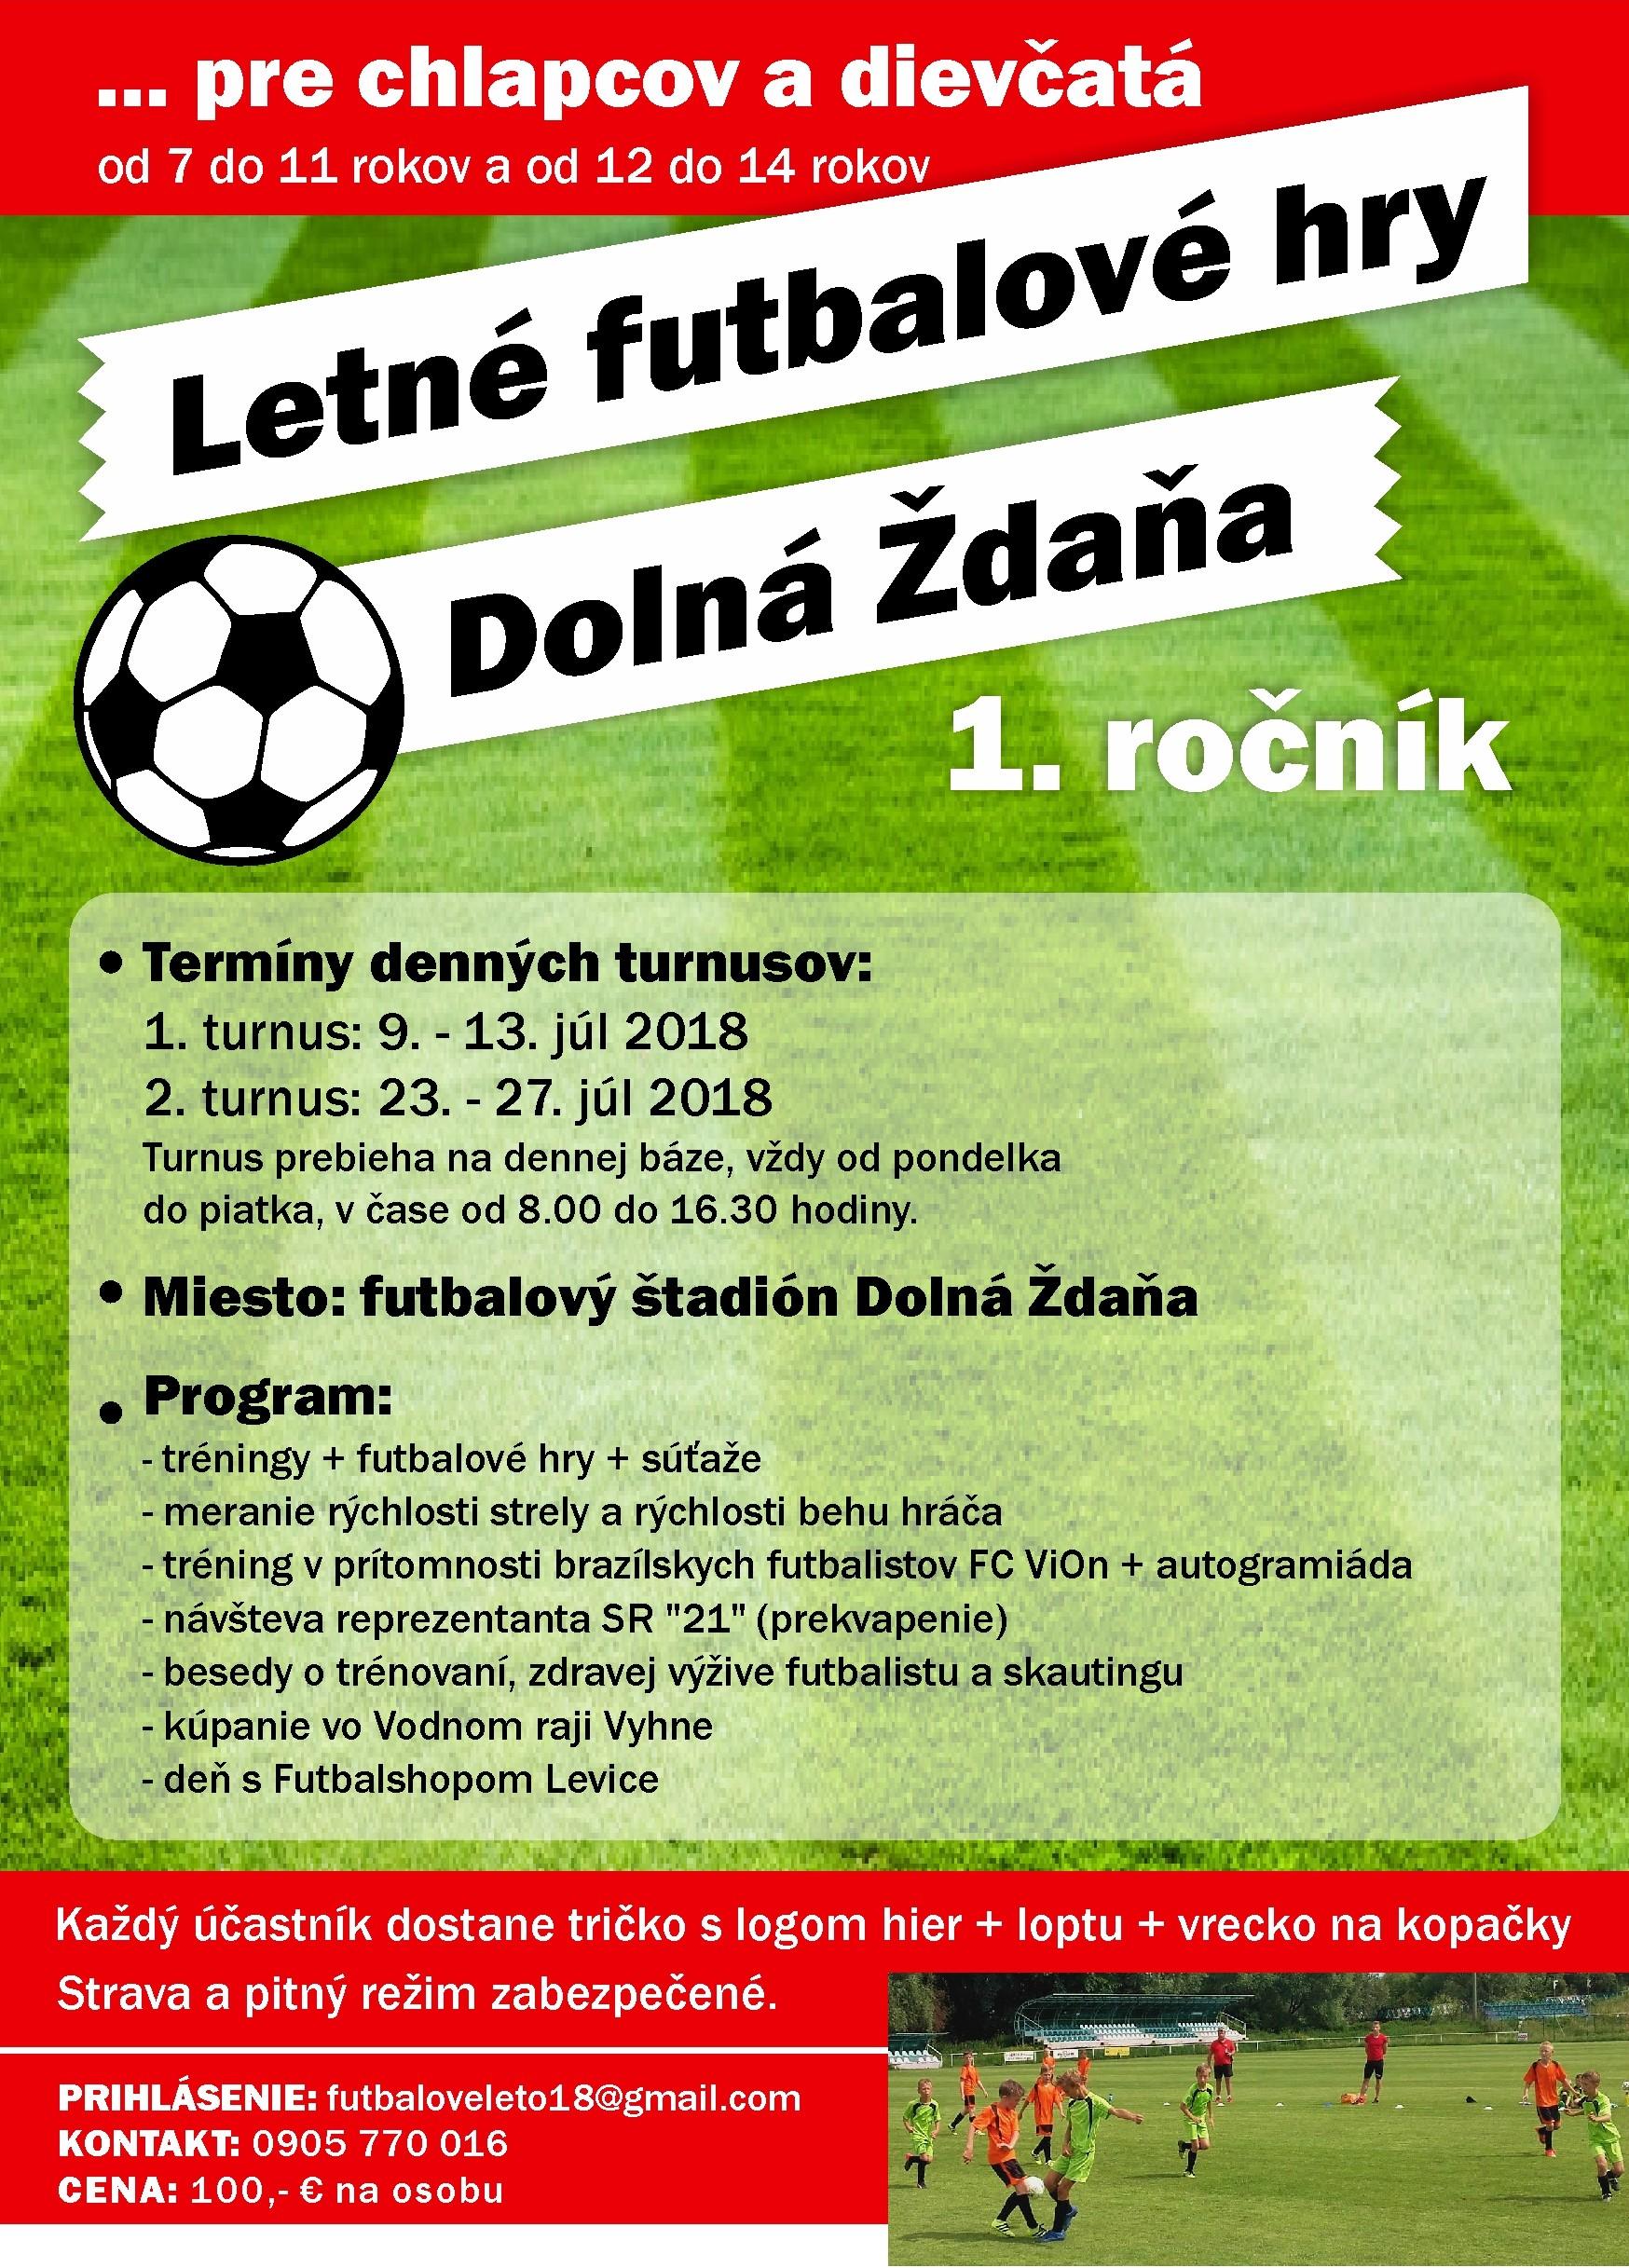 Pozvánka: Letné futbalové hry 2018 v Dolnej Ždani